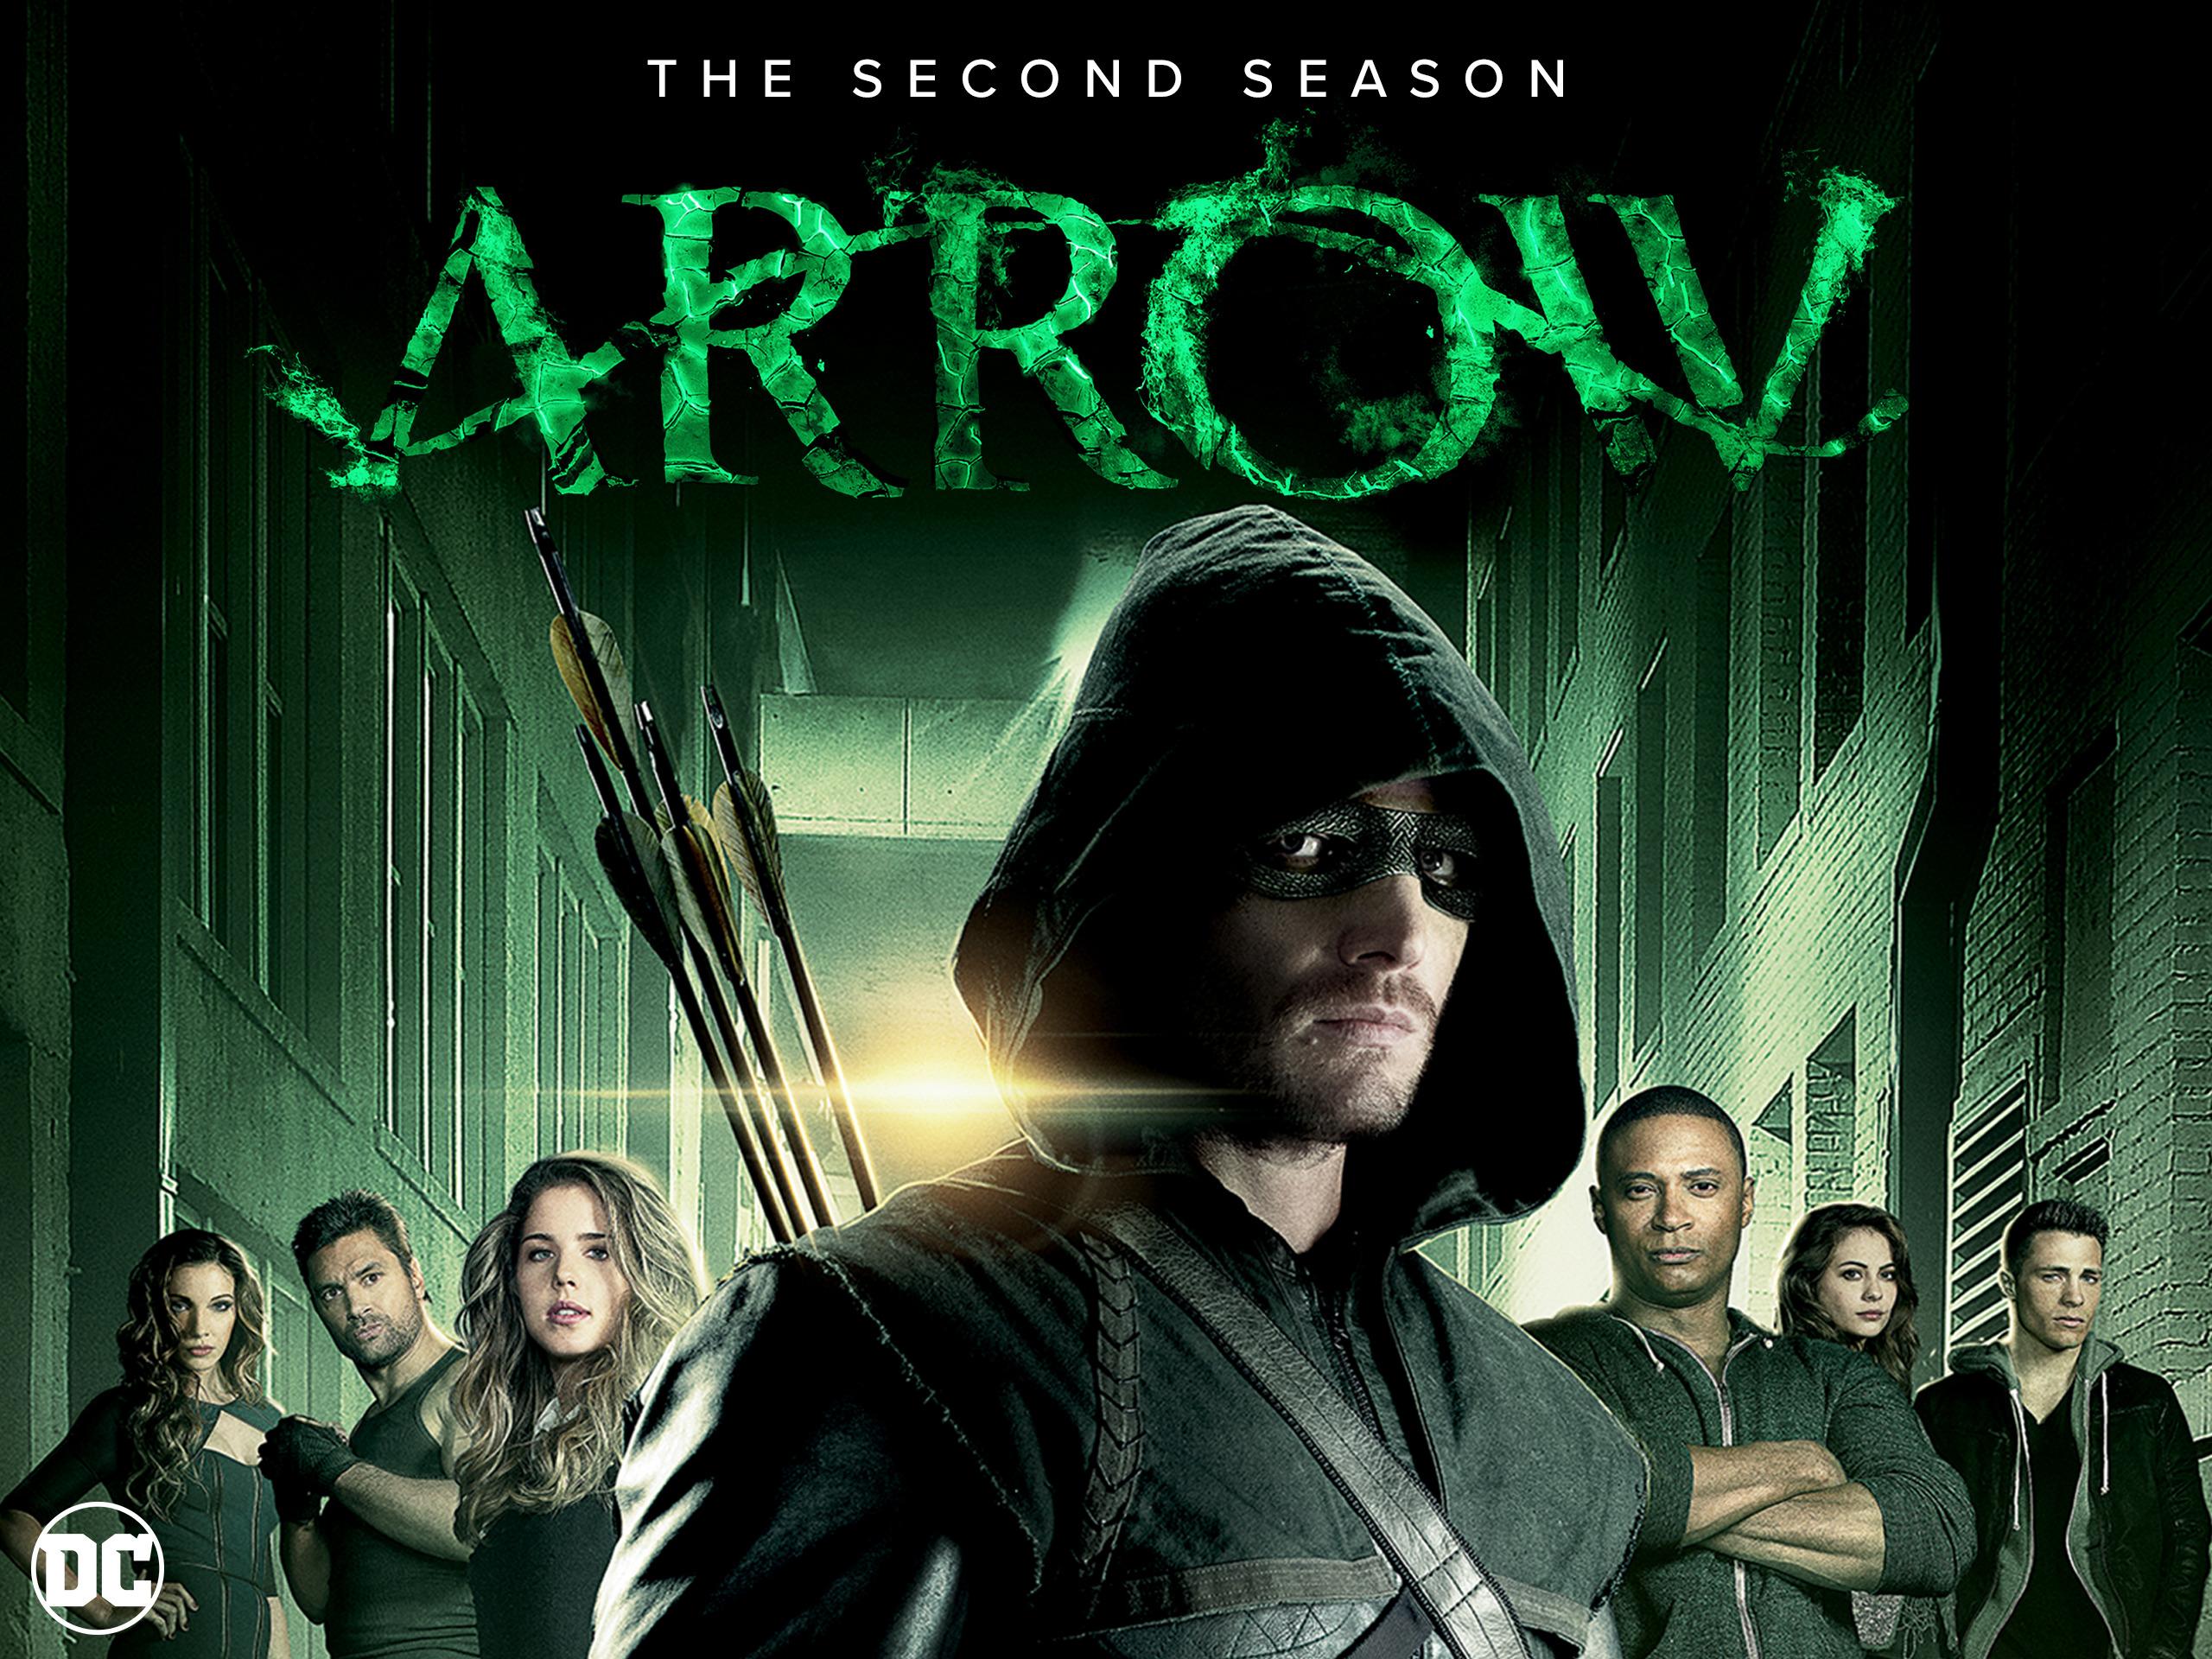 Prime Video: Arrow - Season 2